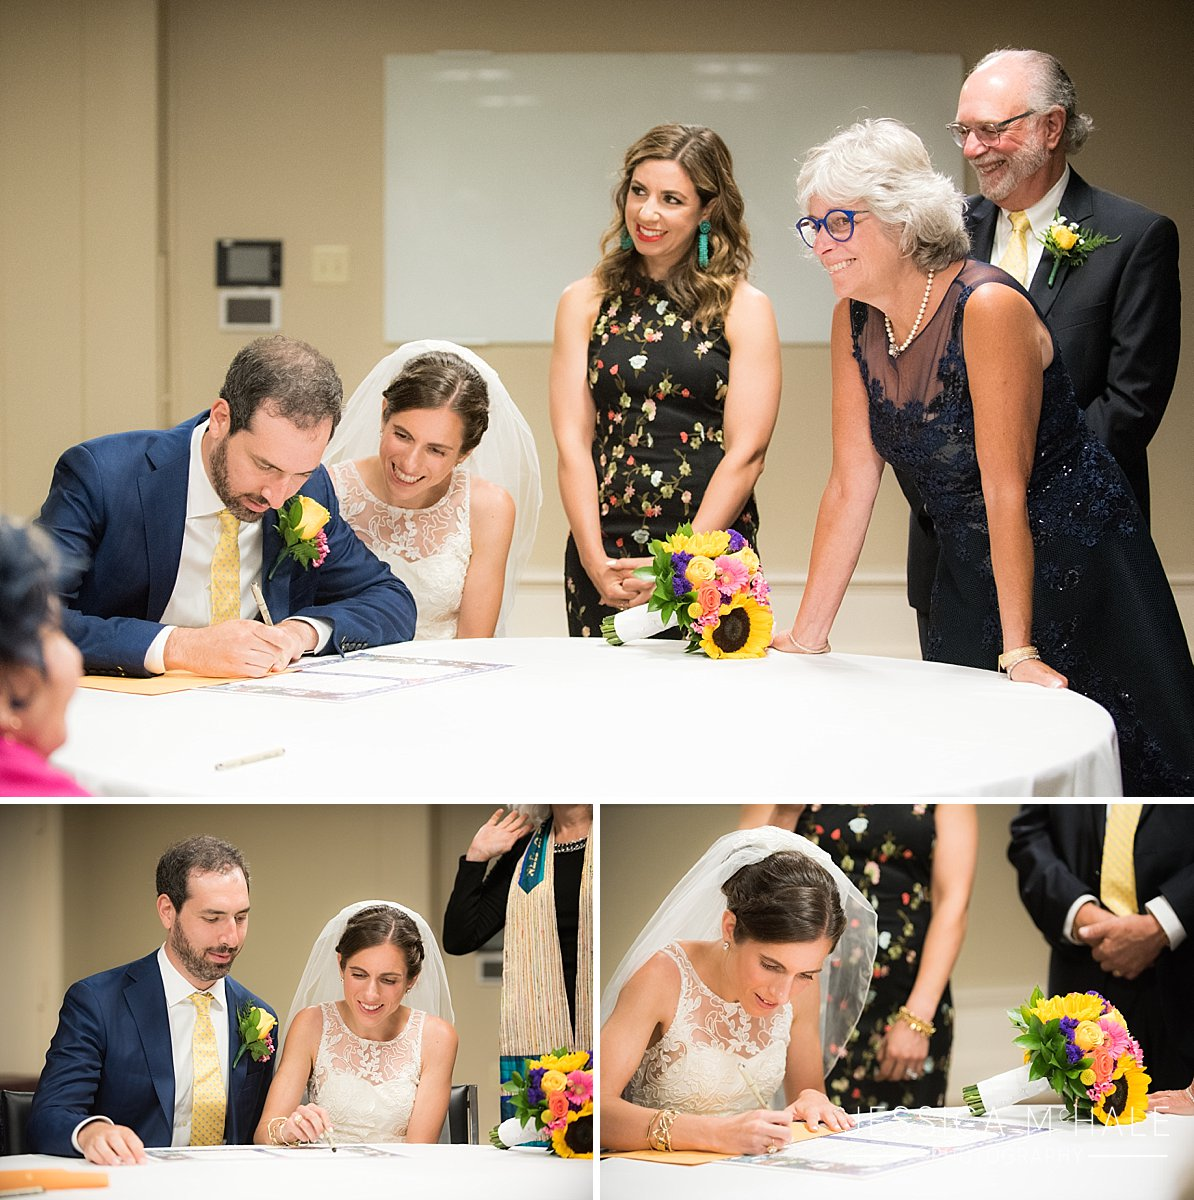 warren conference center wedding ketubah signing